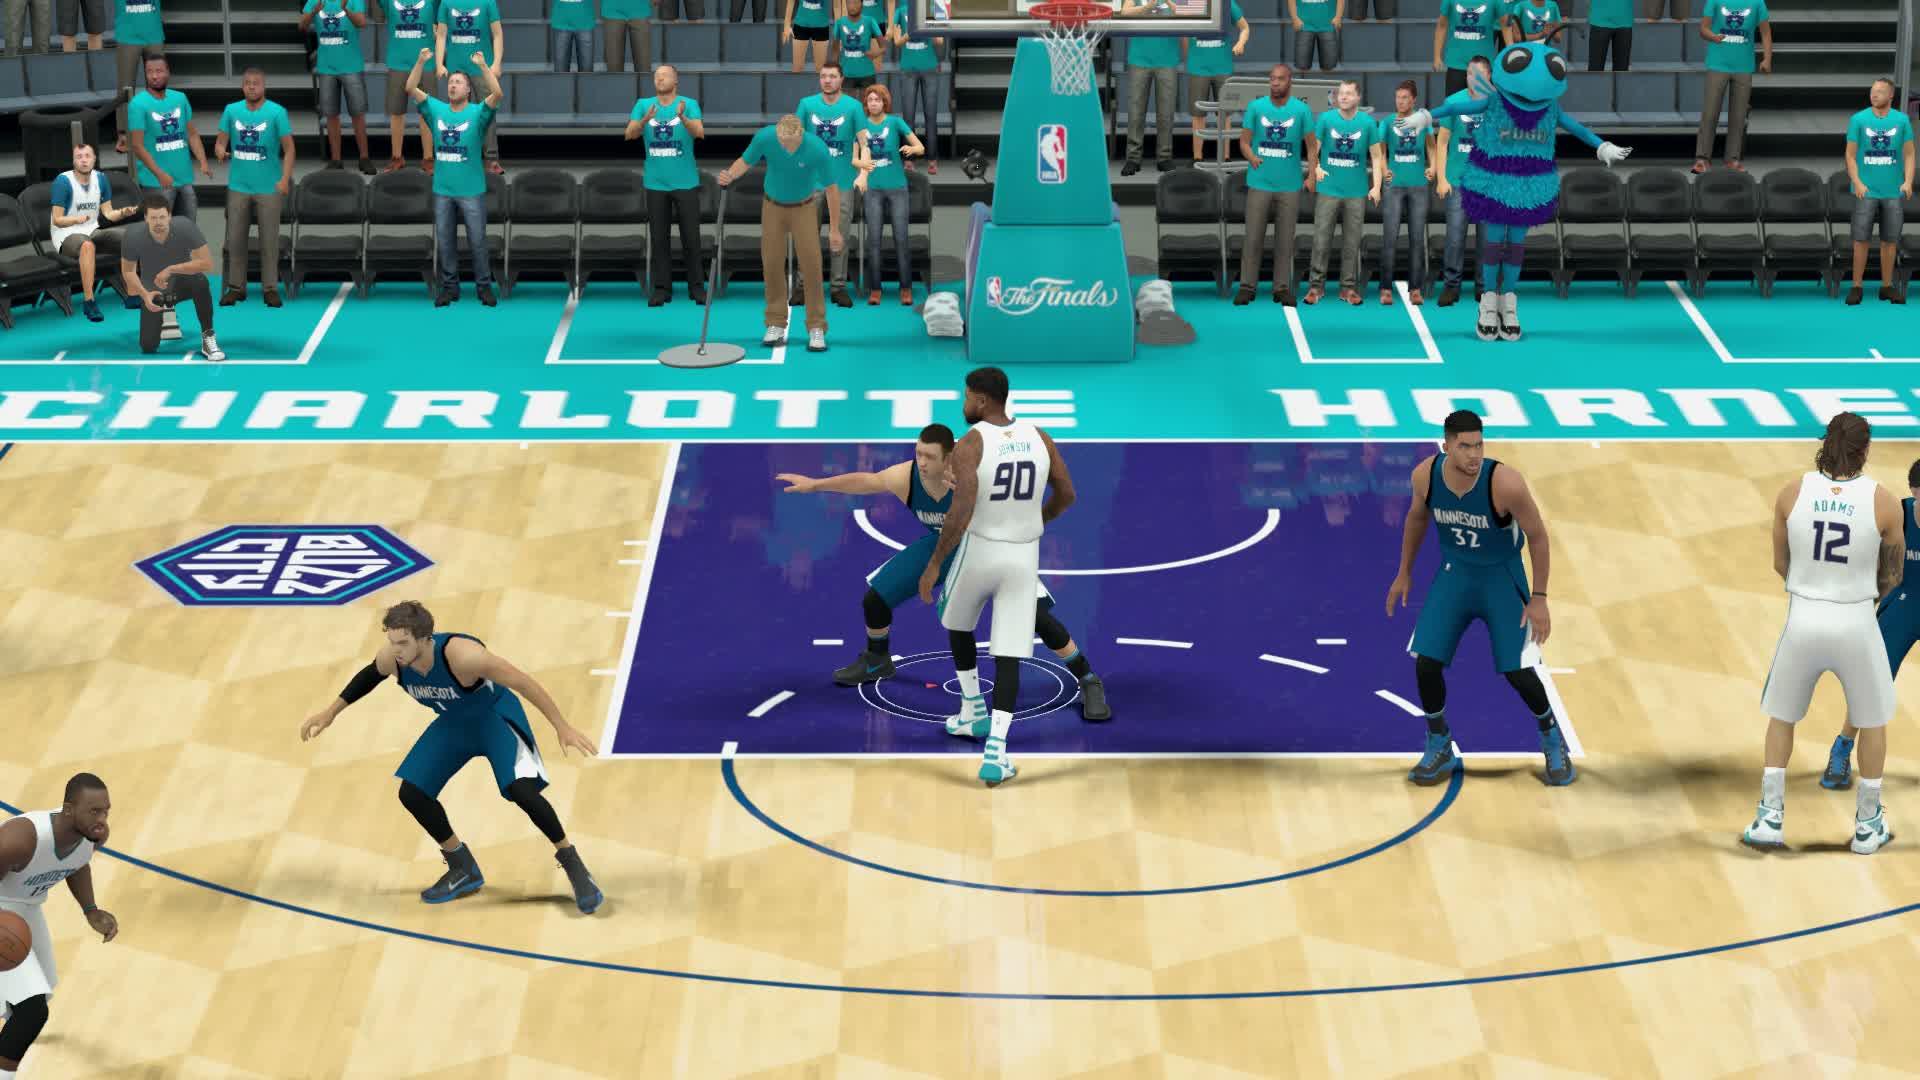 NBA2k,  GIFs